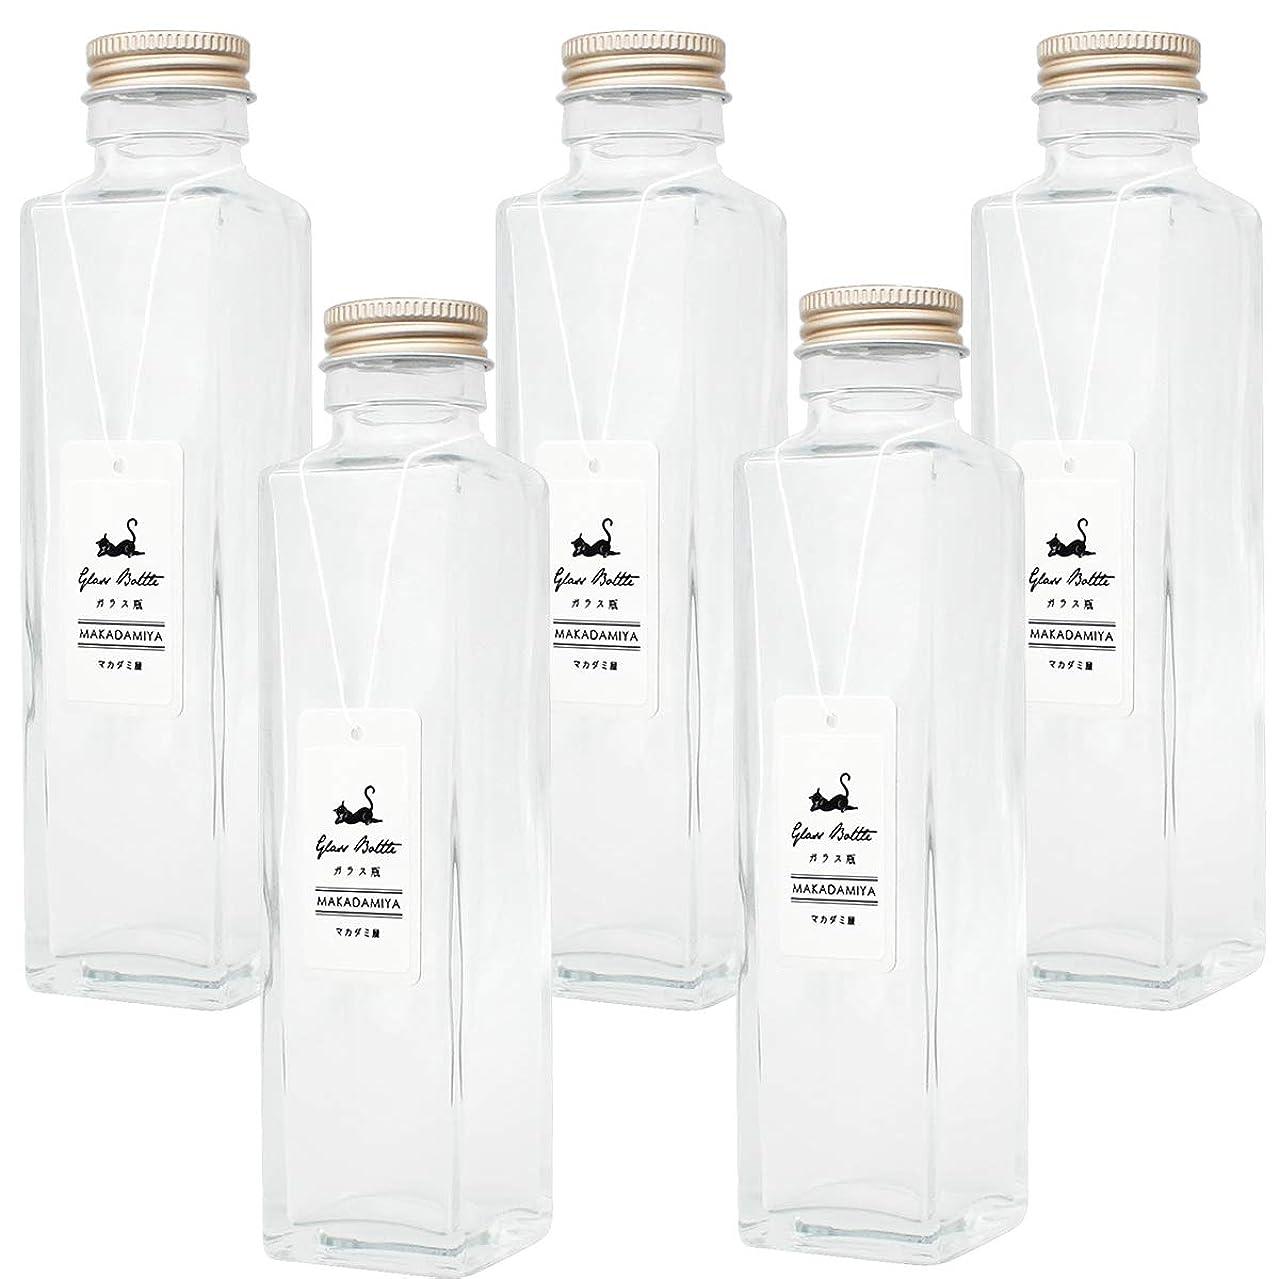 に対処する罪悪感ごめんなさいガラス瓶角型150ml×5本セット (スクリューキャップ付き) ハーバリウムに最適